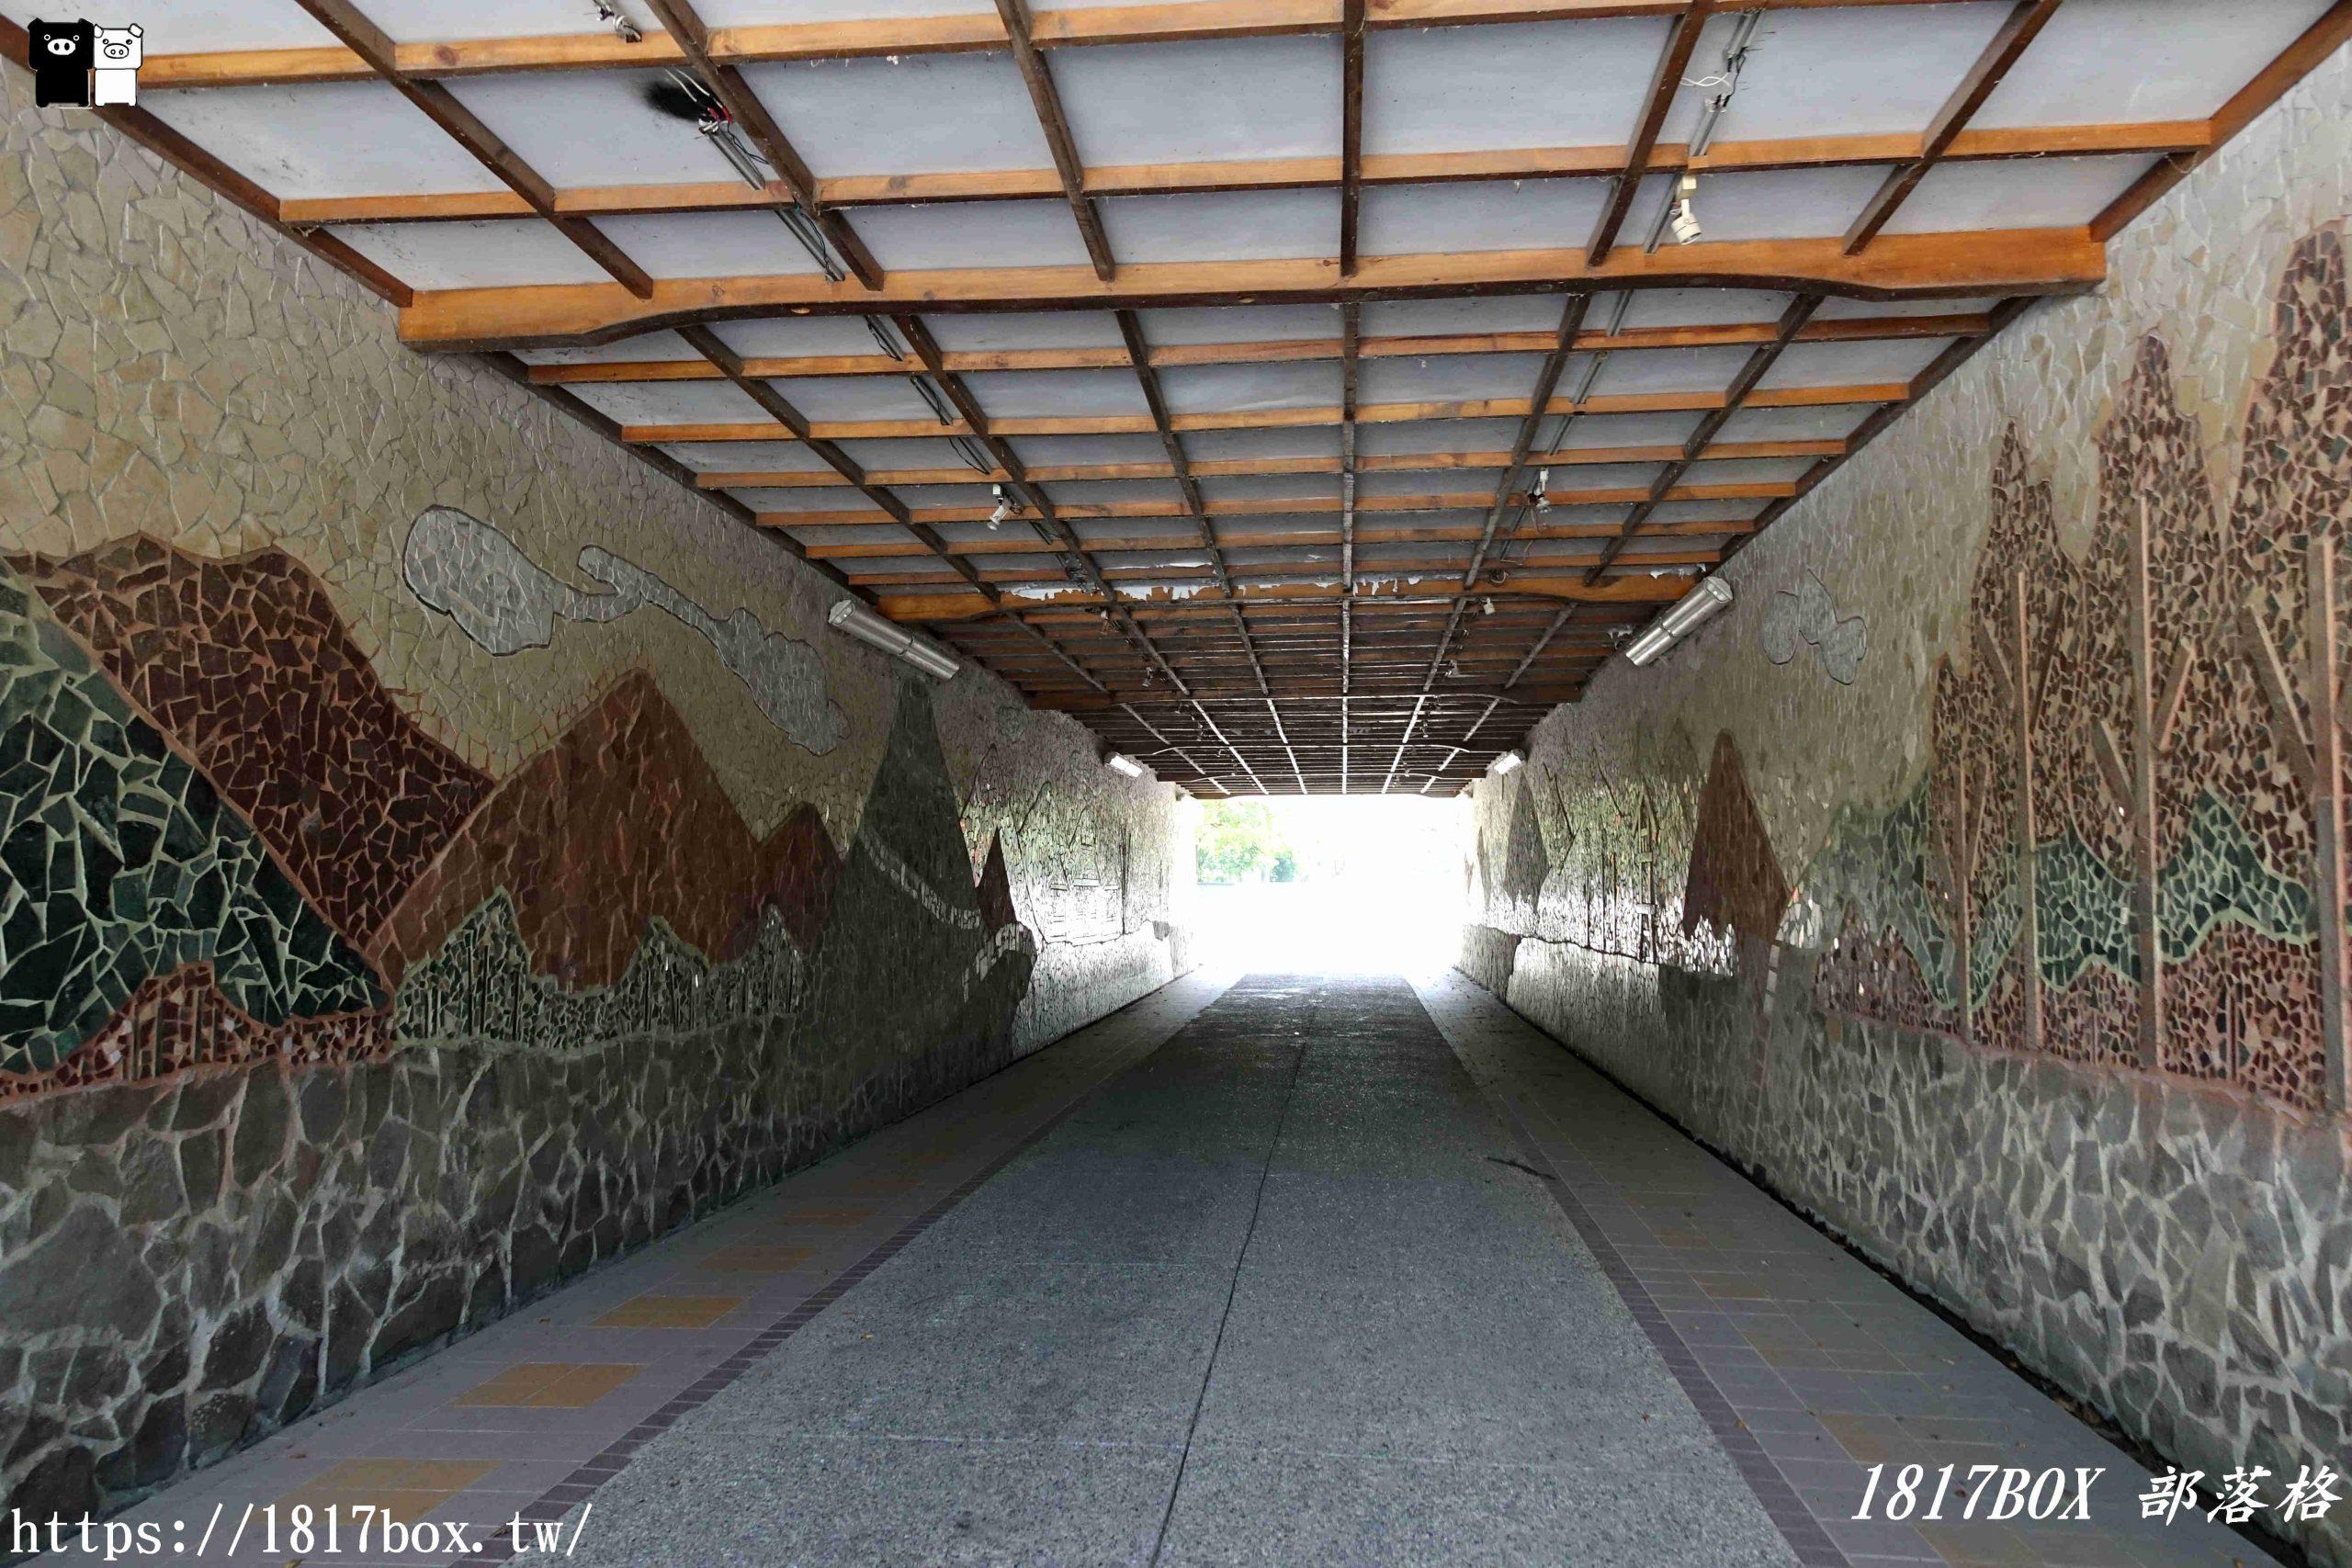 【台東。關山】關山親水公園。臺灣第一座環保公園。全台首座環鎮單車道。盡情的騎著鐵馬,暢遊在這座美麗的綠色城鎮 @1817BOX部落格